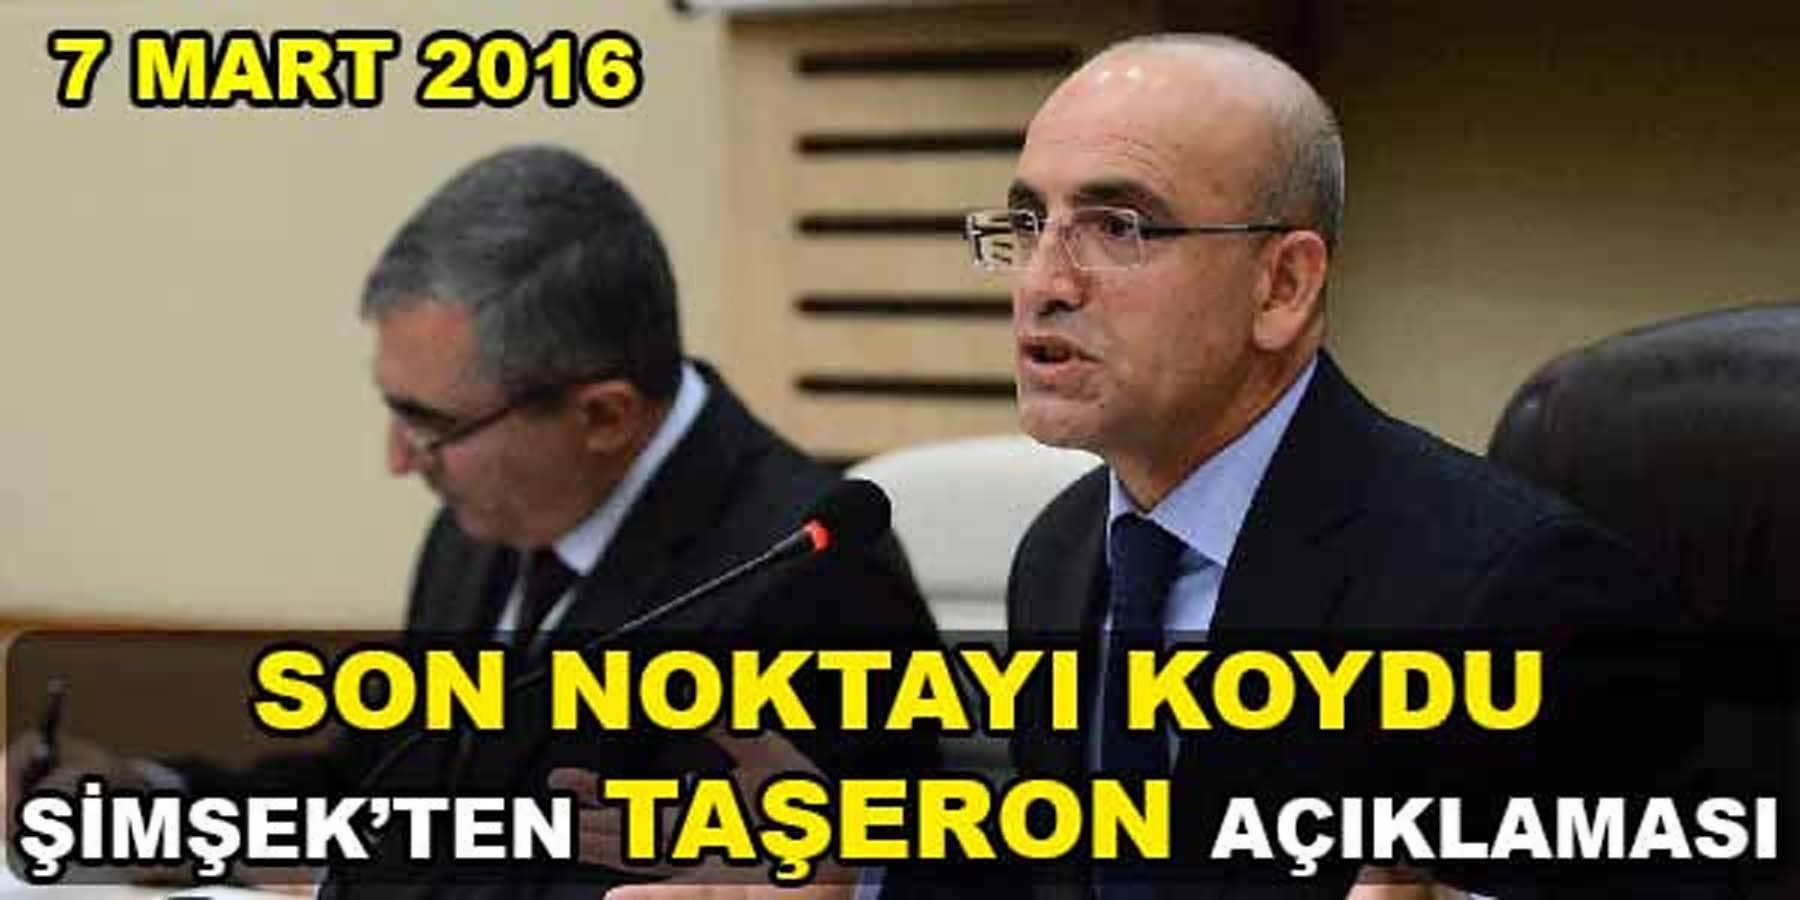 Başbakan Yardımcısı Mehmet Şimşek'ten Taşerona Kadro Açıklaması